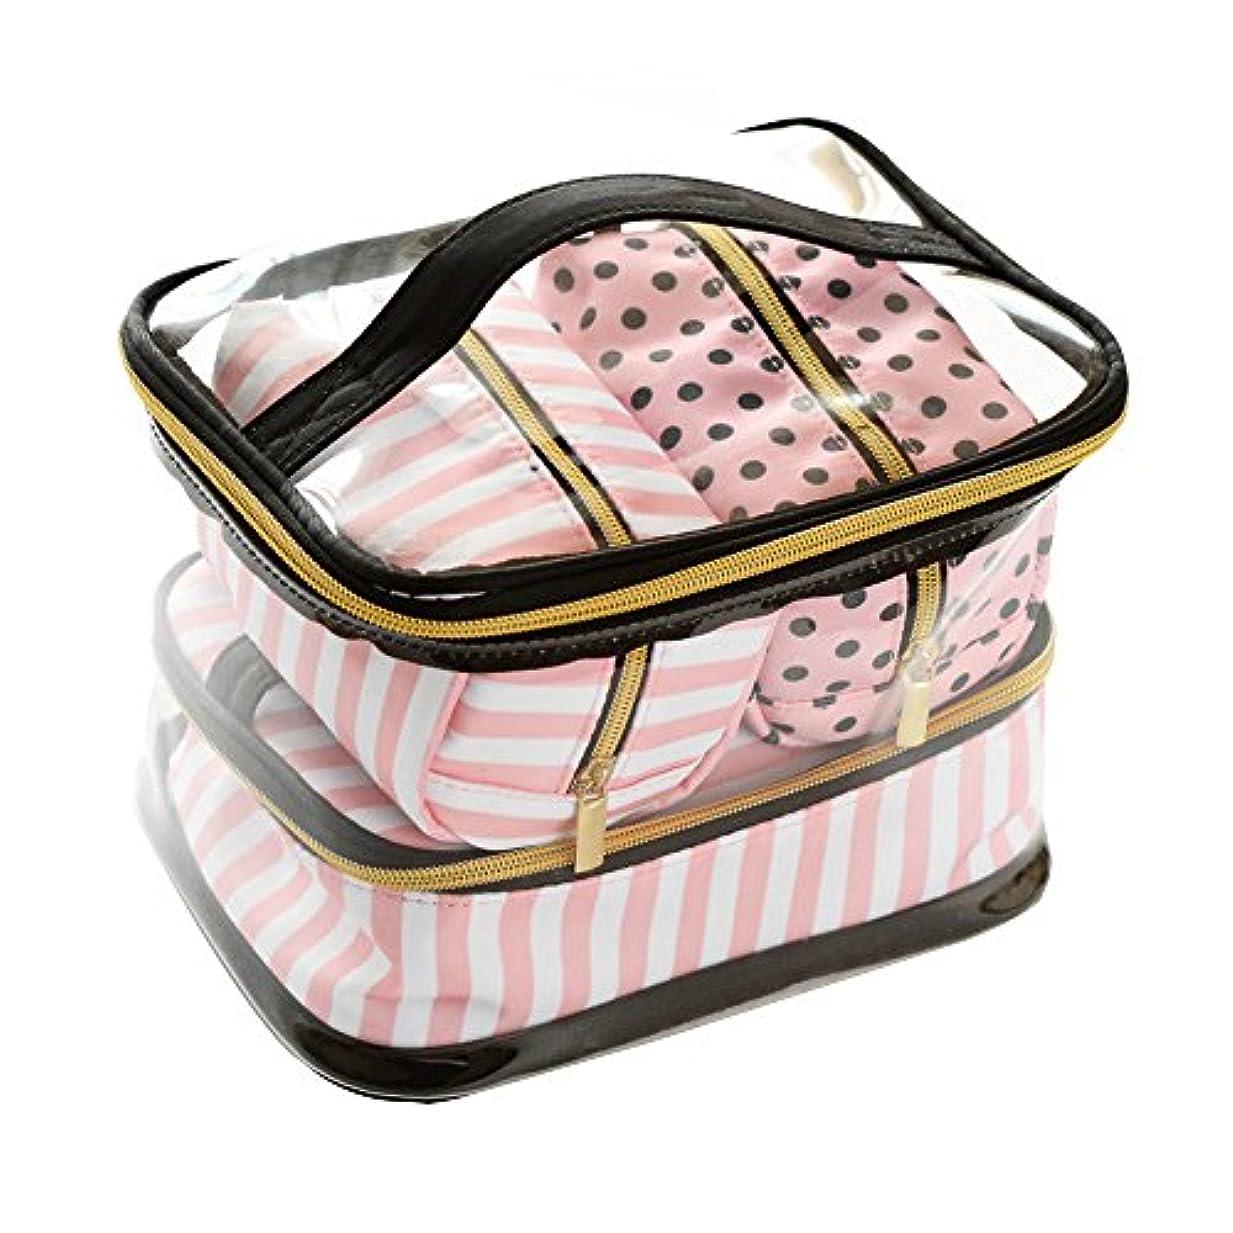 大きさ法的パン化粧バッグ 化粧ポーチ レディース ビクトリアシークレット人気 機能的 かわいい おしゃれ透明 洗面バッグ 収納バッグ 4点セット ビクトリア ドット ピンクライン